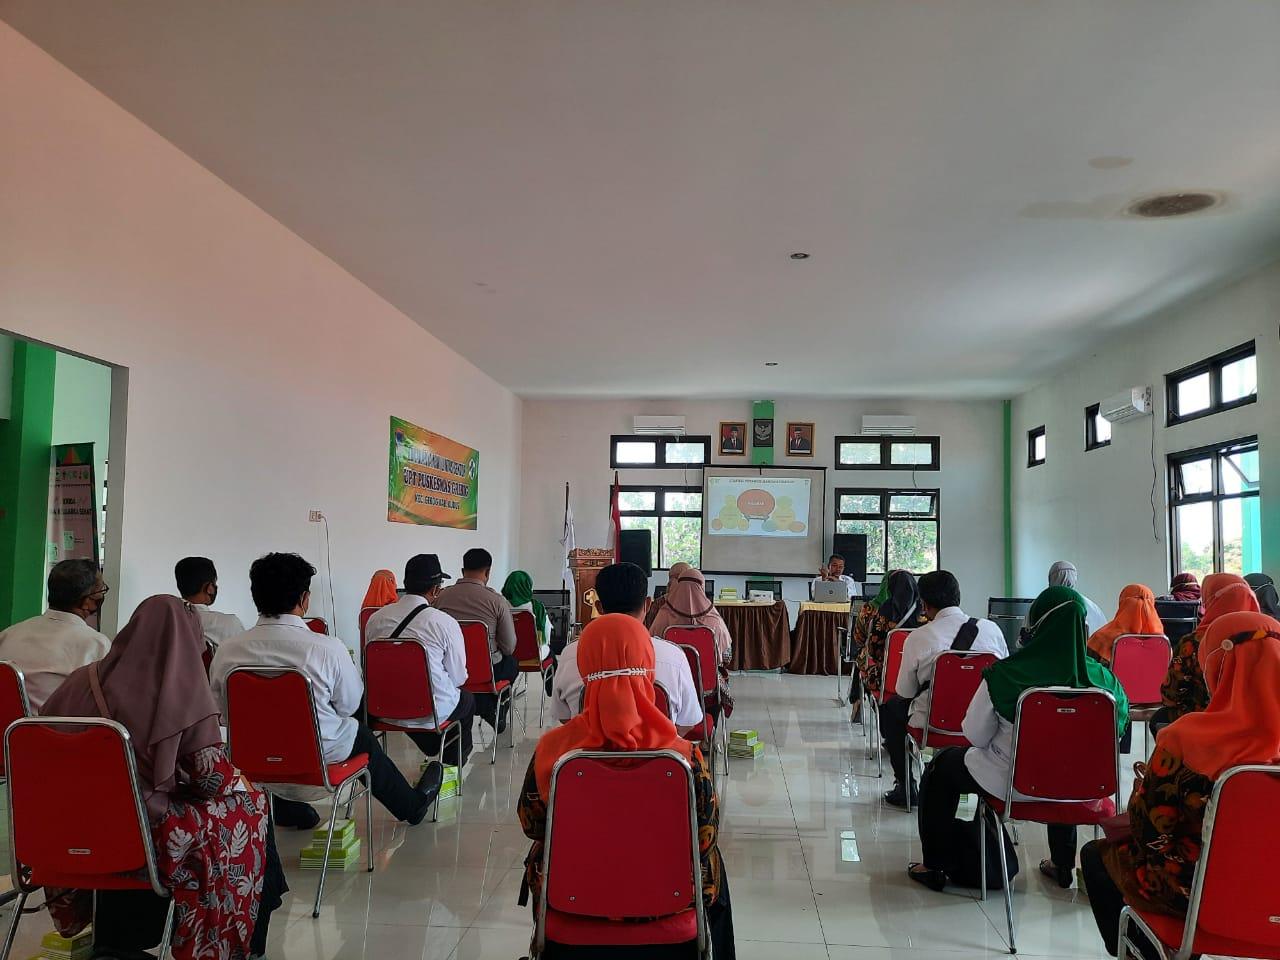 SOSIALISASI: DKK Kudus sedang melakukan sosialisasi kepada Kader Desa di Kecamatan Gebog, Kamis (7/10).